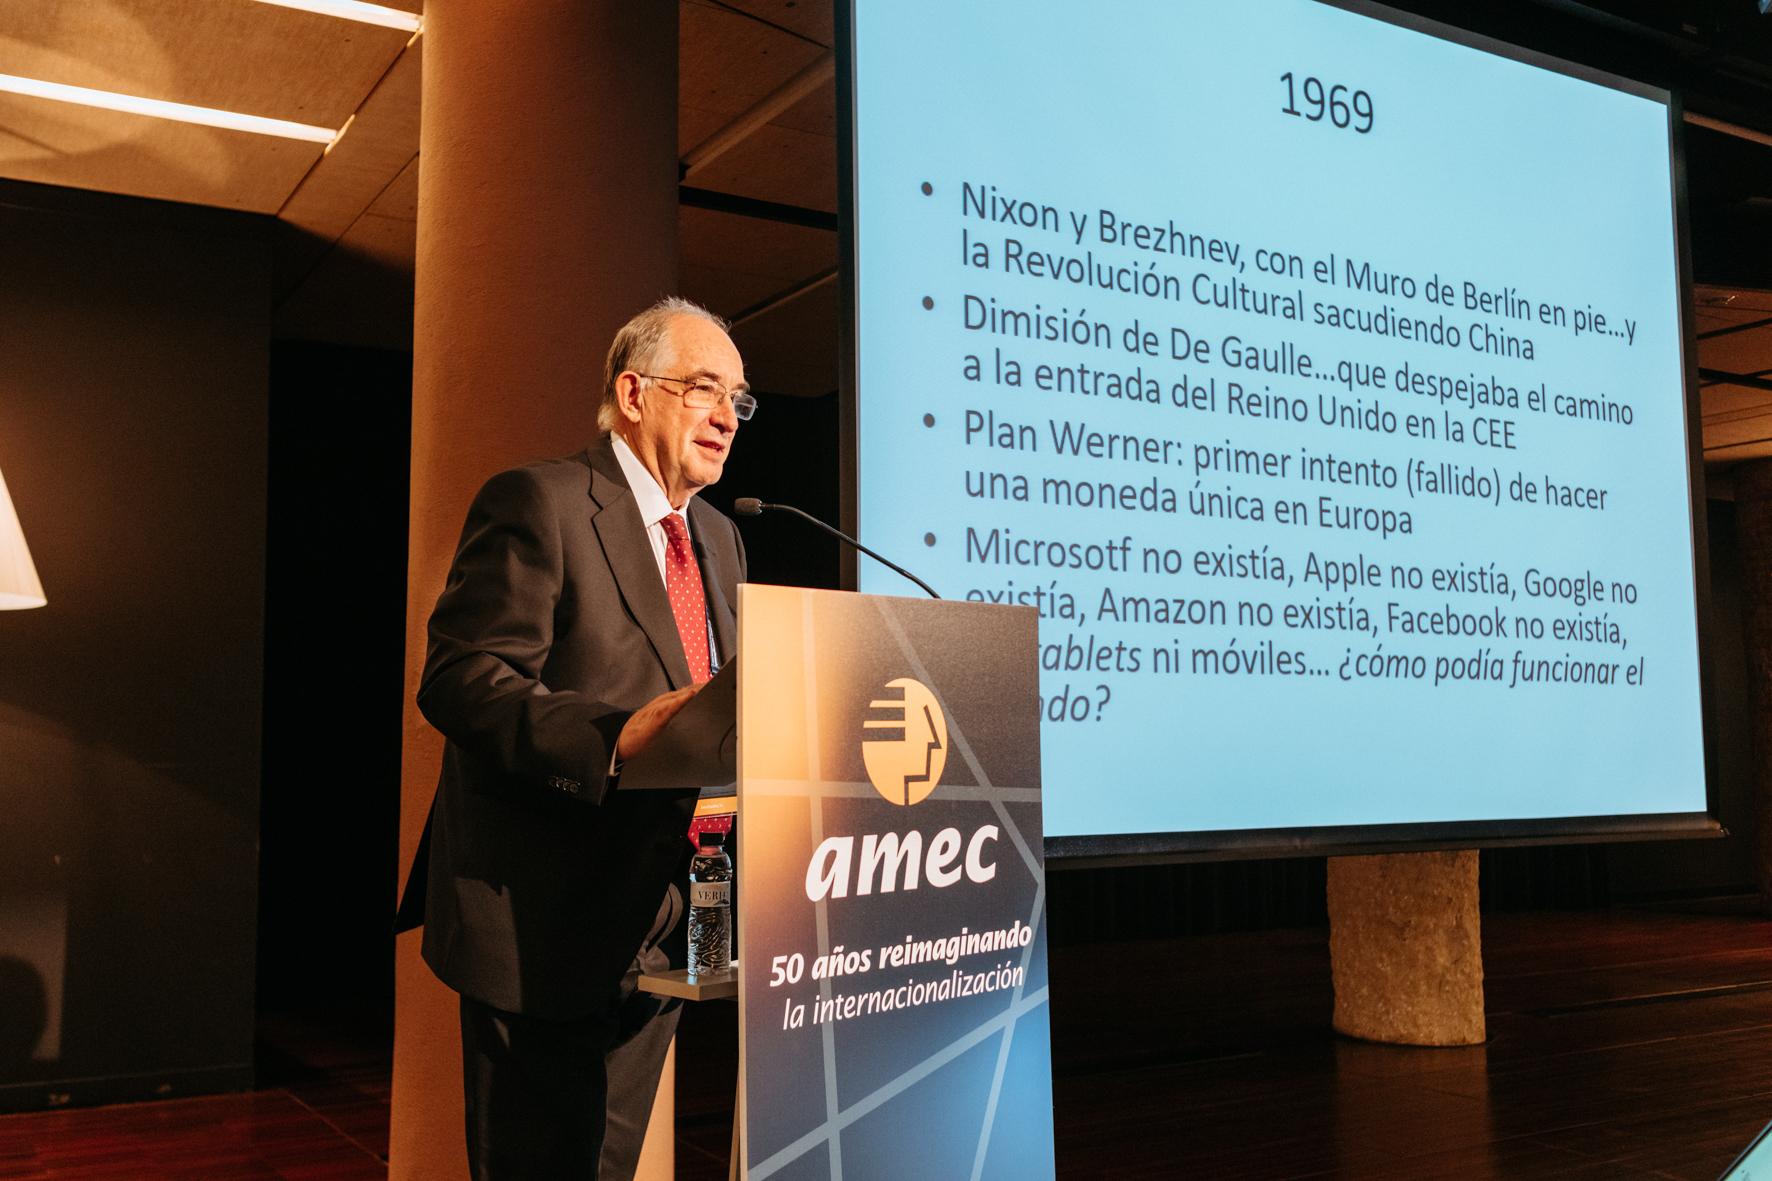 Retos de la internacionalización y escenarios de futuro